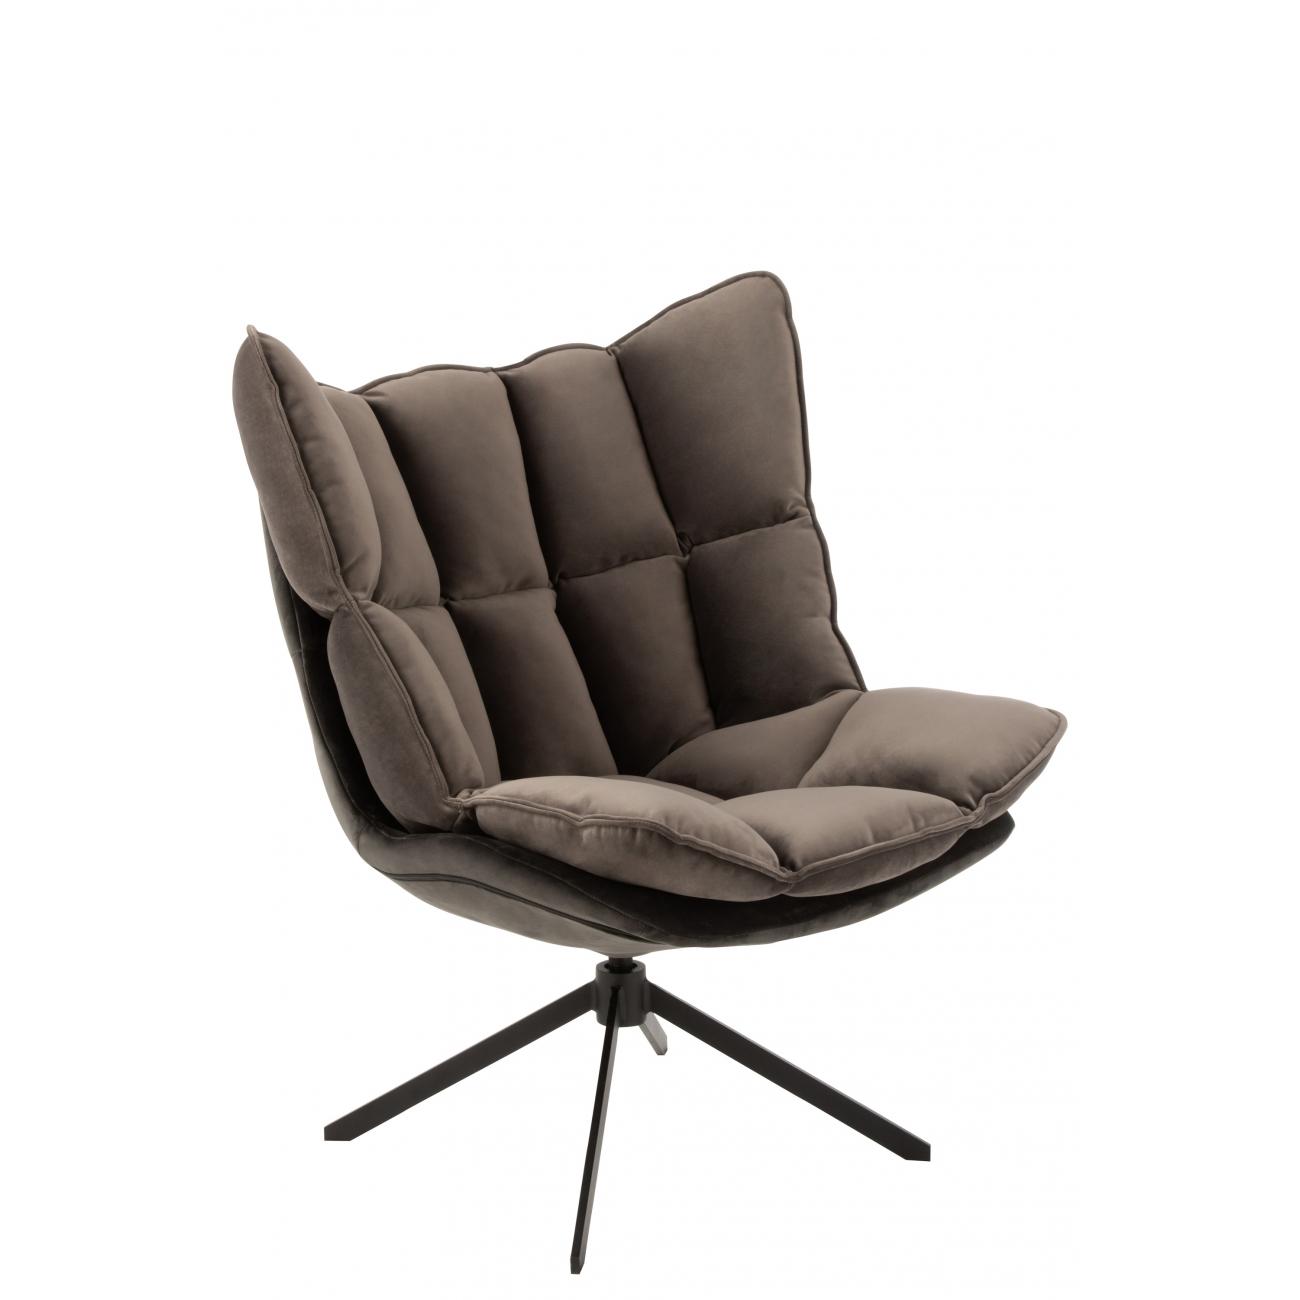 Кресло J-LINE серого цвета на ножках Бельгия